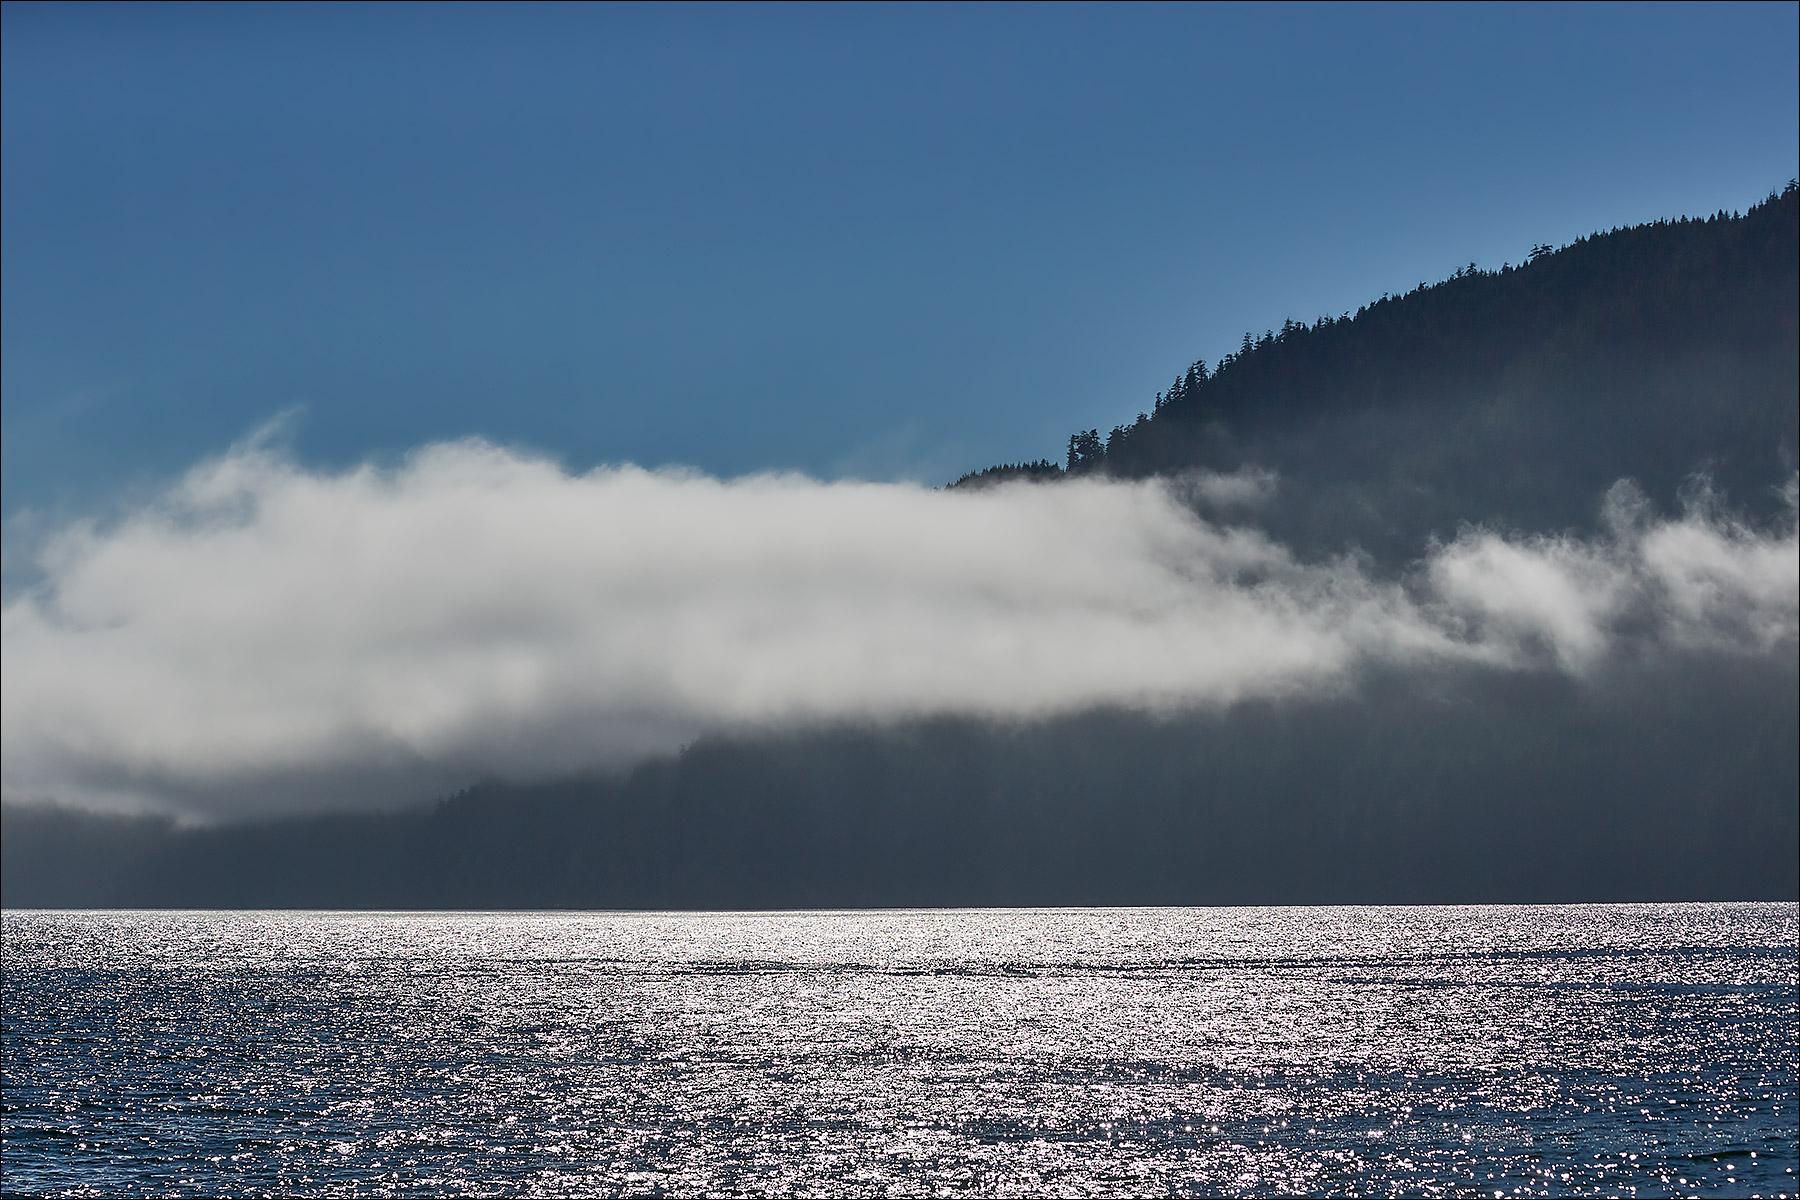 San Juan Bay Clouds ©johncameron.ca